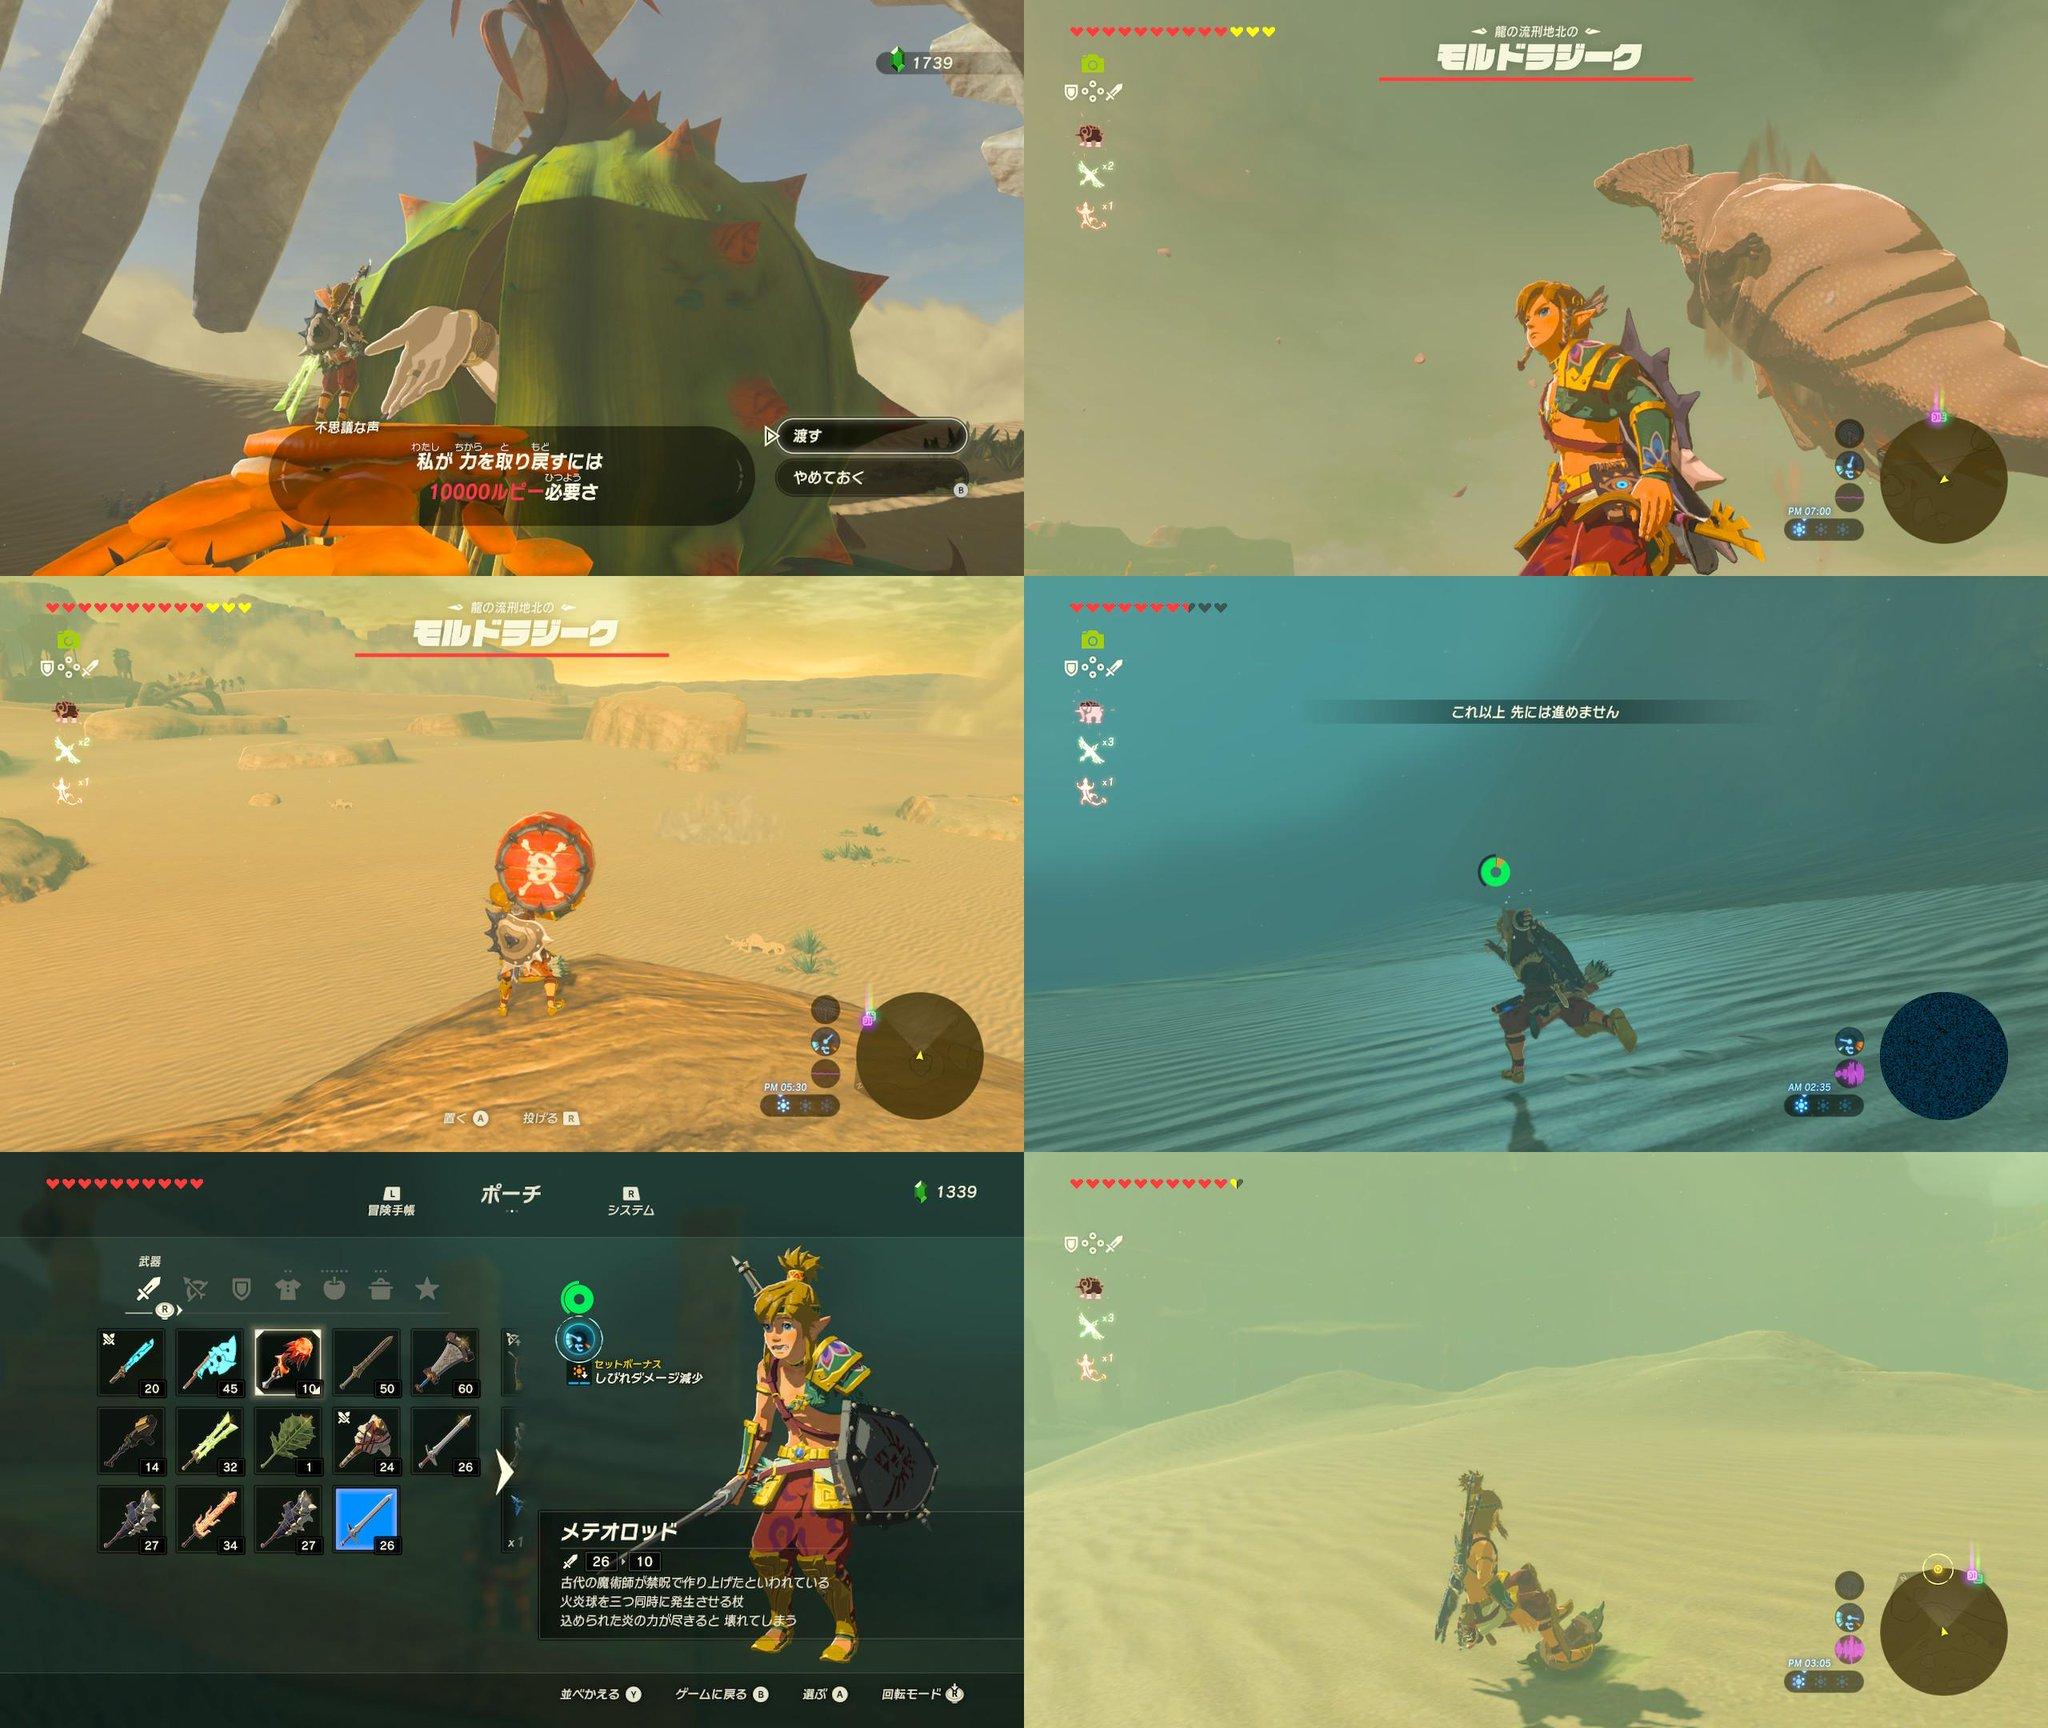 砂漠を探索。某忍者っぽい集団の隠れ家にたどり着けず。 #ゼルダの伝説 #BreathoftheWild #NintendoSwitch https://t.co/RmwoiwPzLX